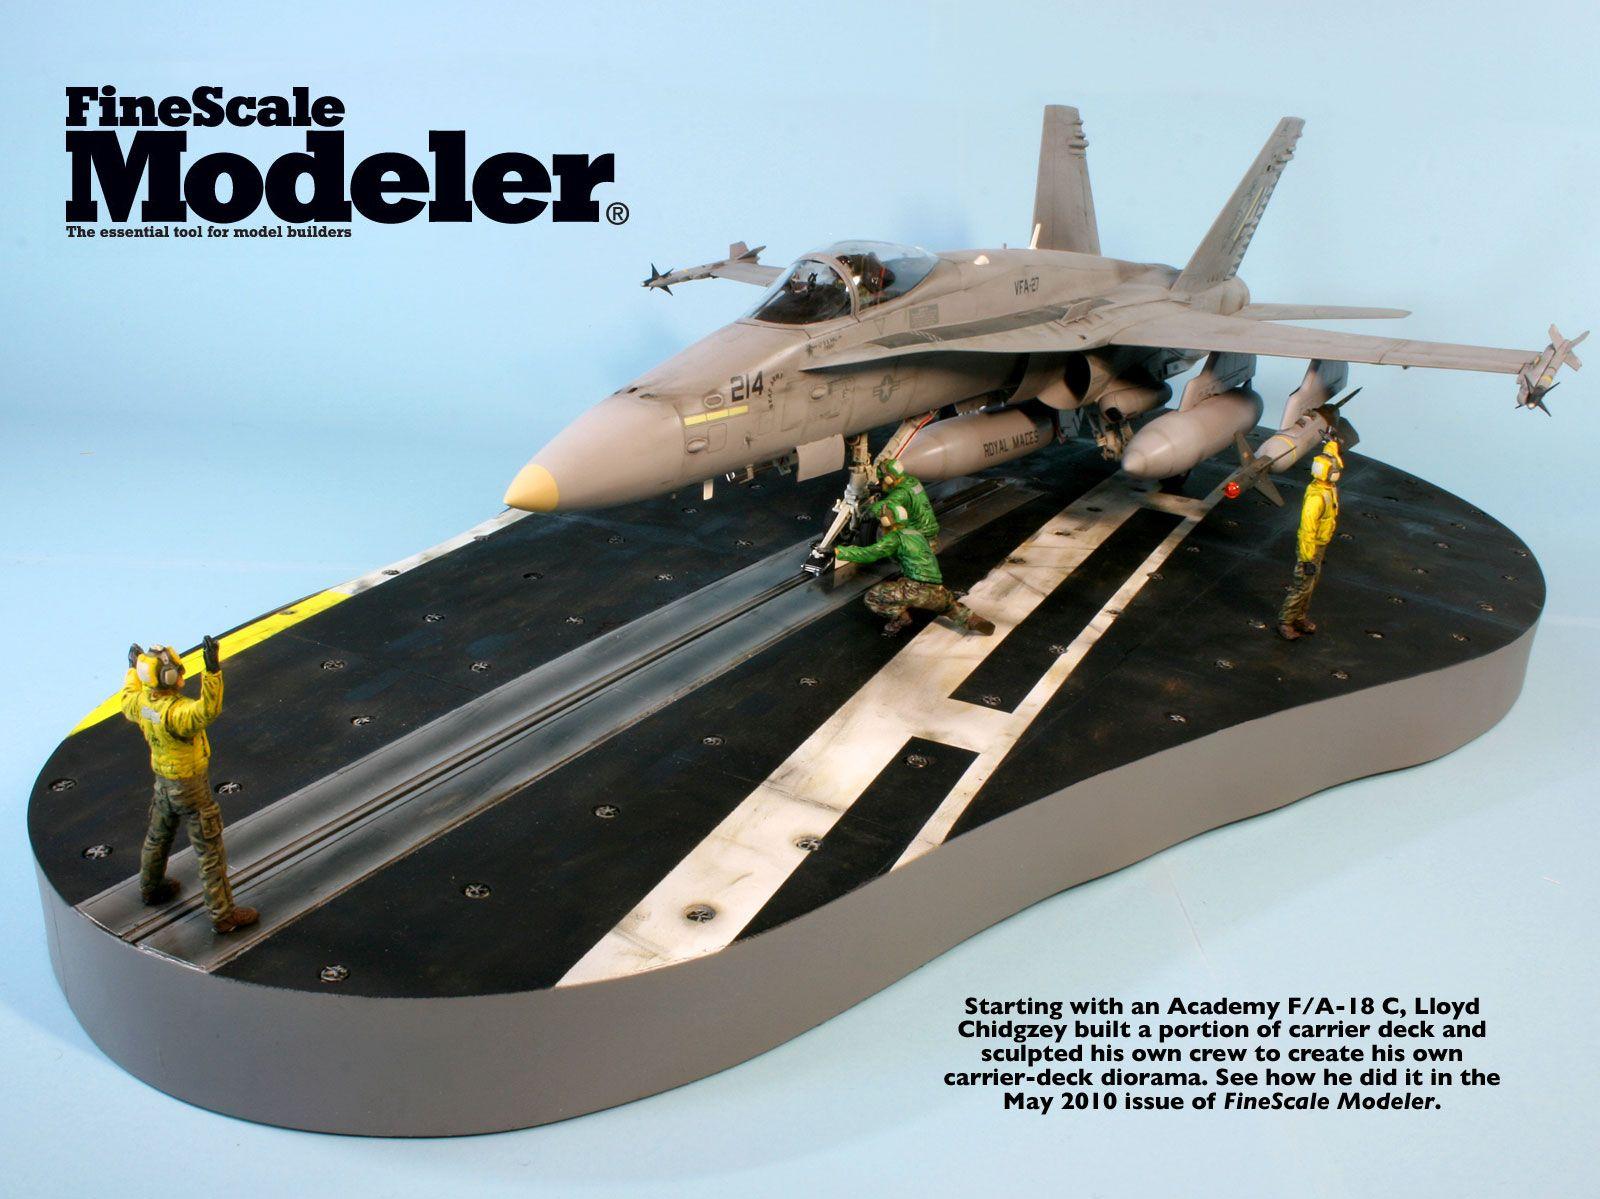 aircraft carrier diorama - Google Search | Diorama, Aircraft